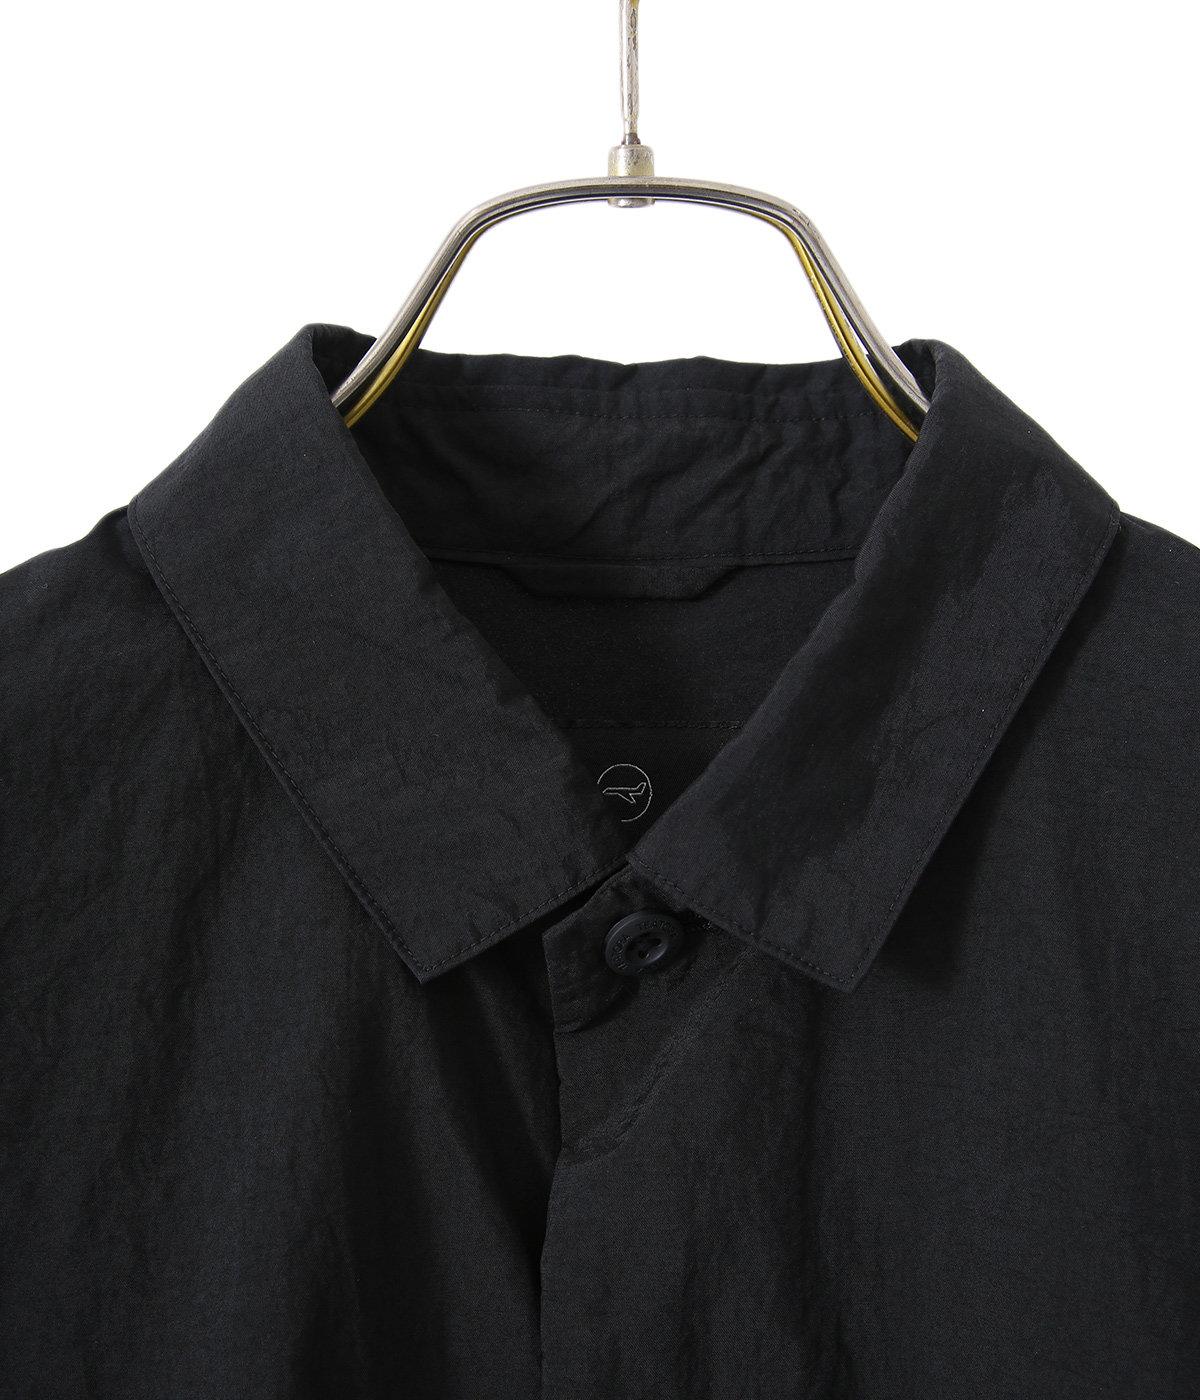 CARTRIDGE SHIRT packable